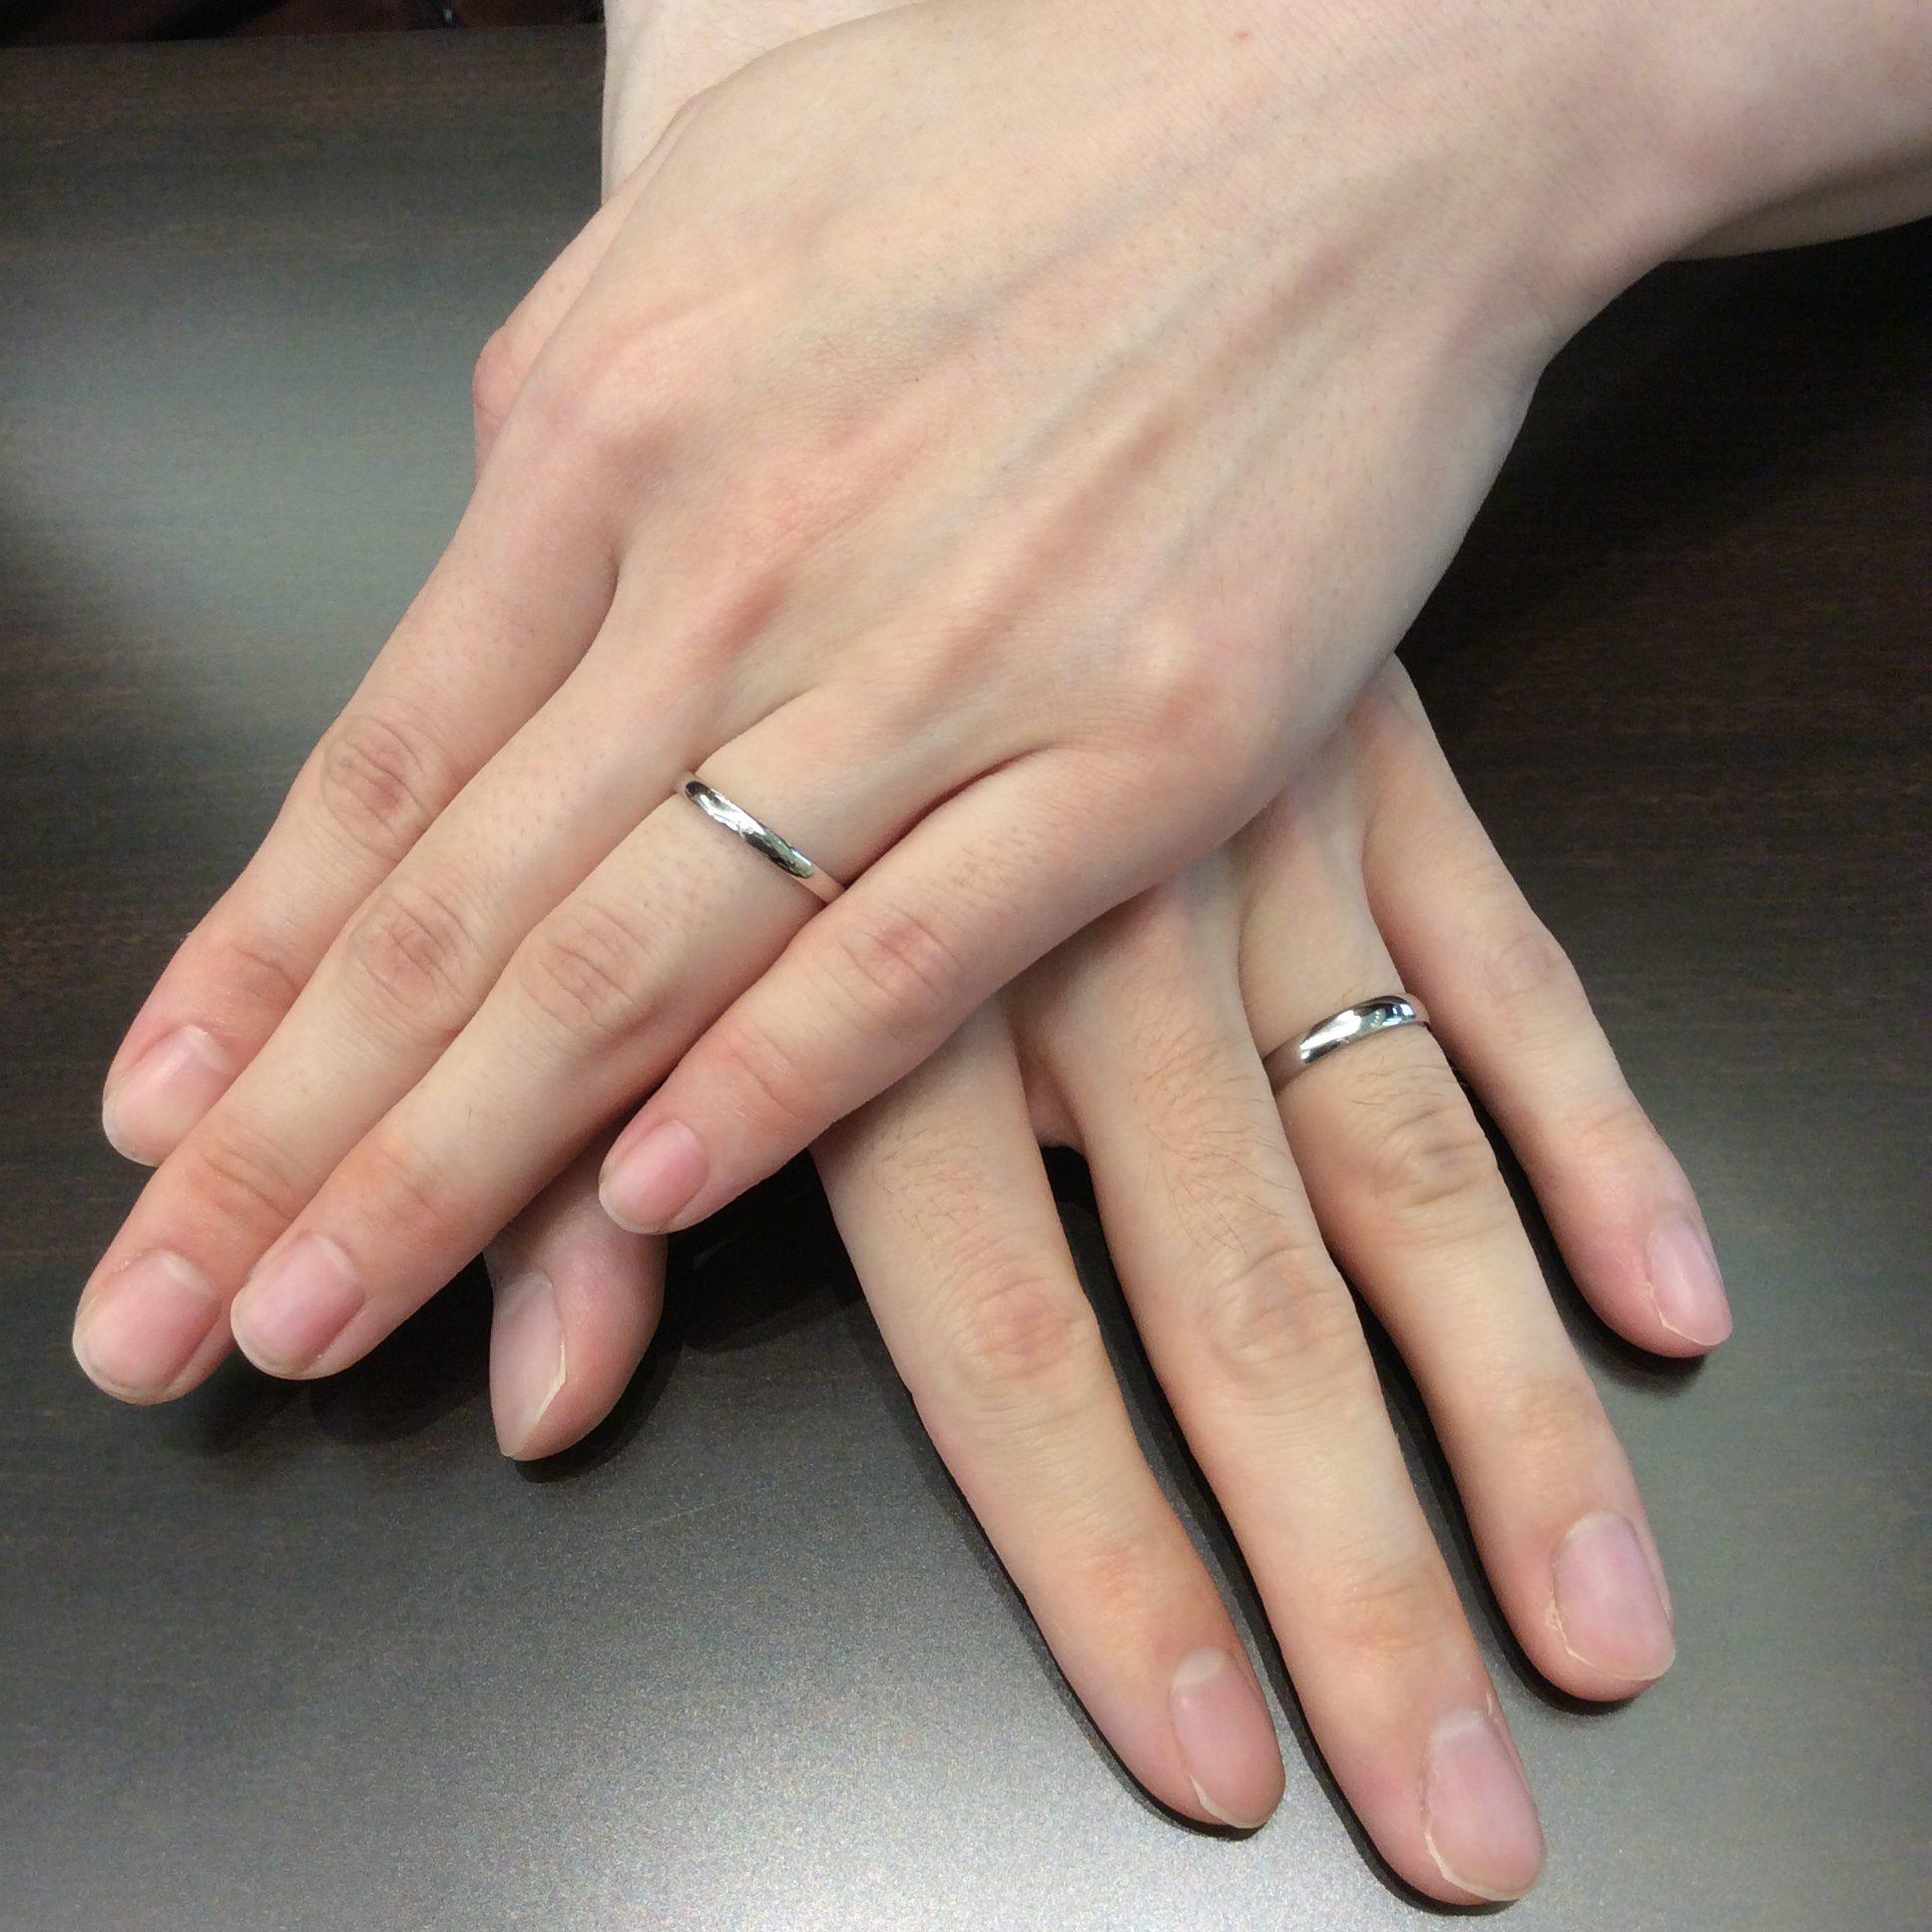 シンプル 俄(にわか)の結婚指輪「ことほぎ」(新潟市/S様ご夫婦)